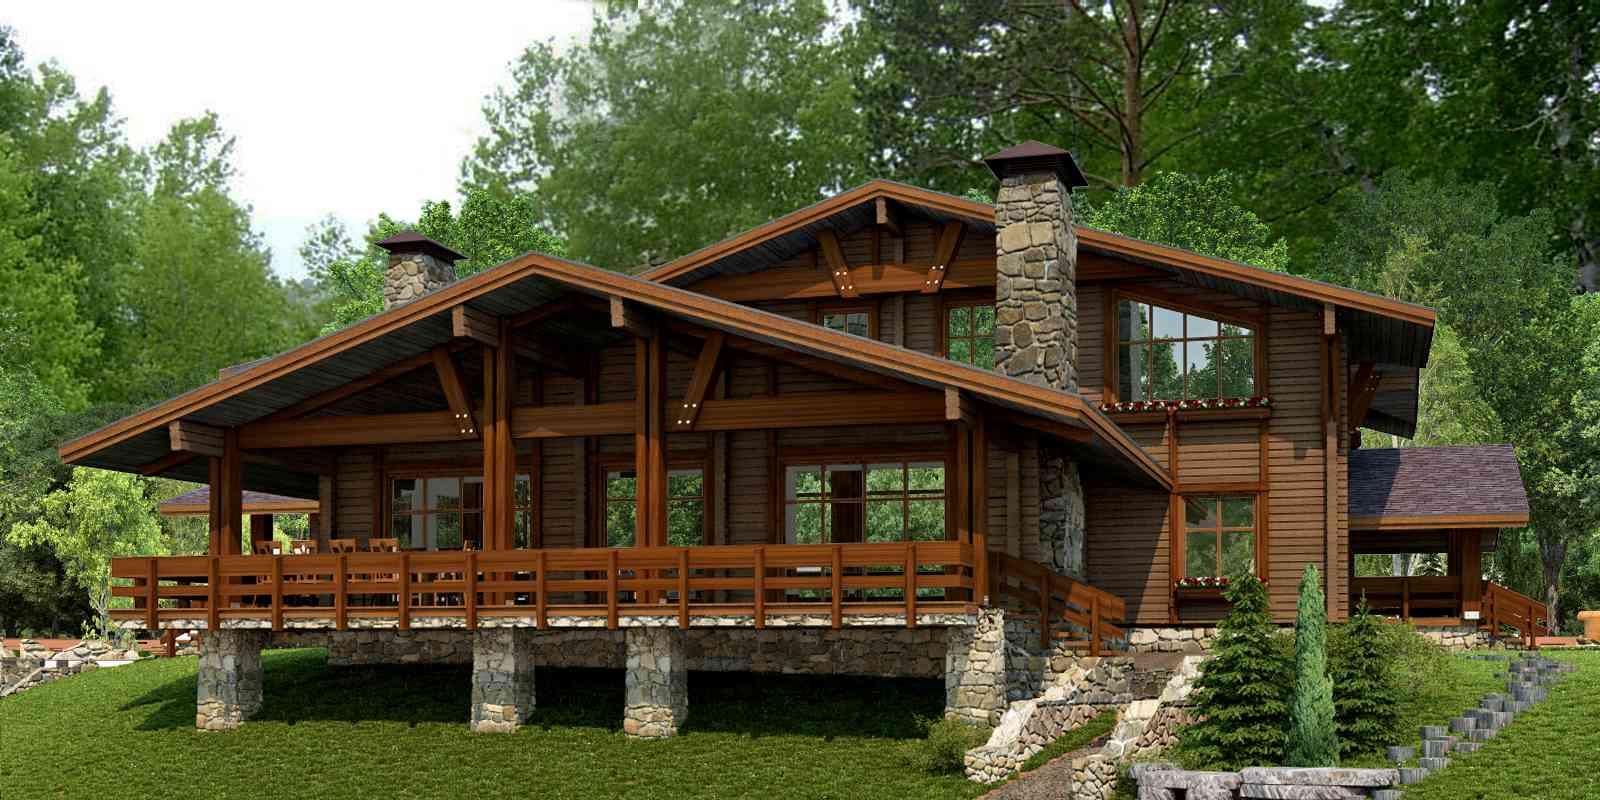 Дома из бревен - надежные, теплые, красивые